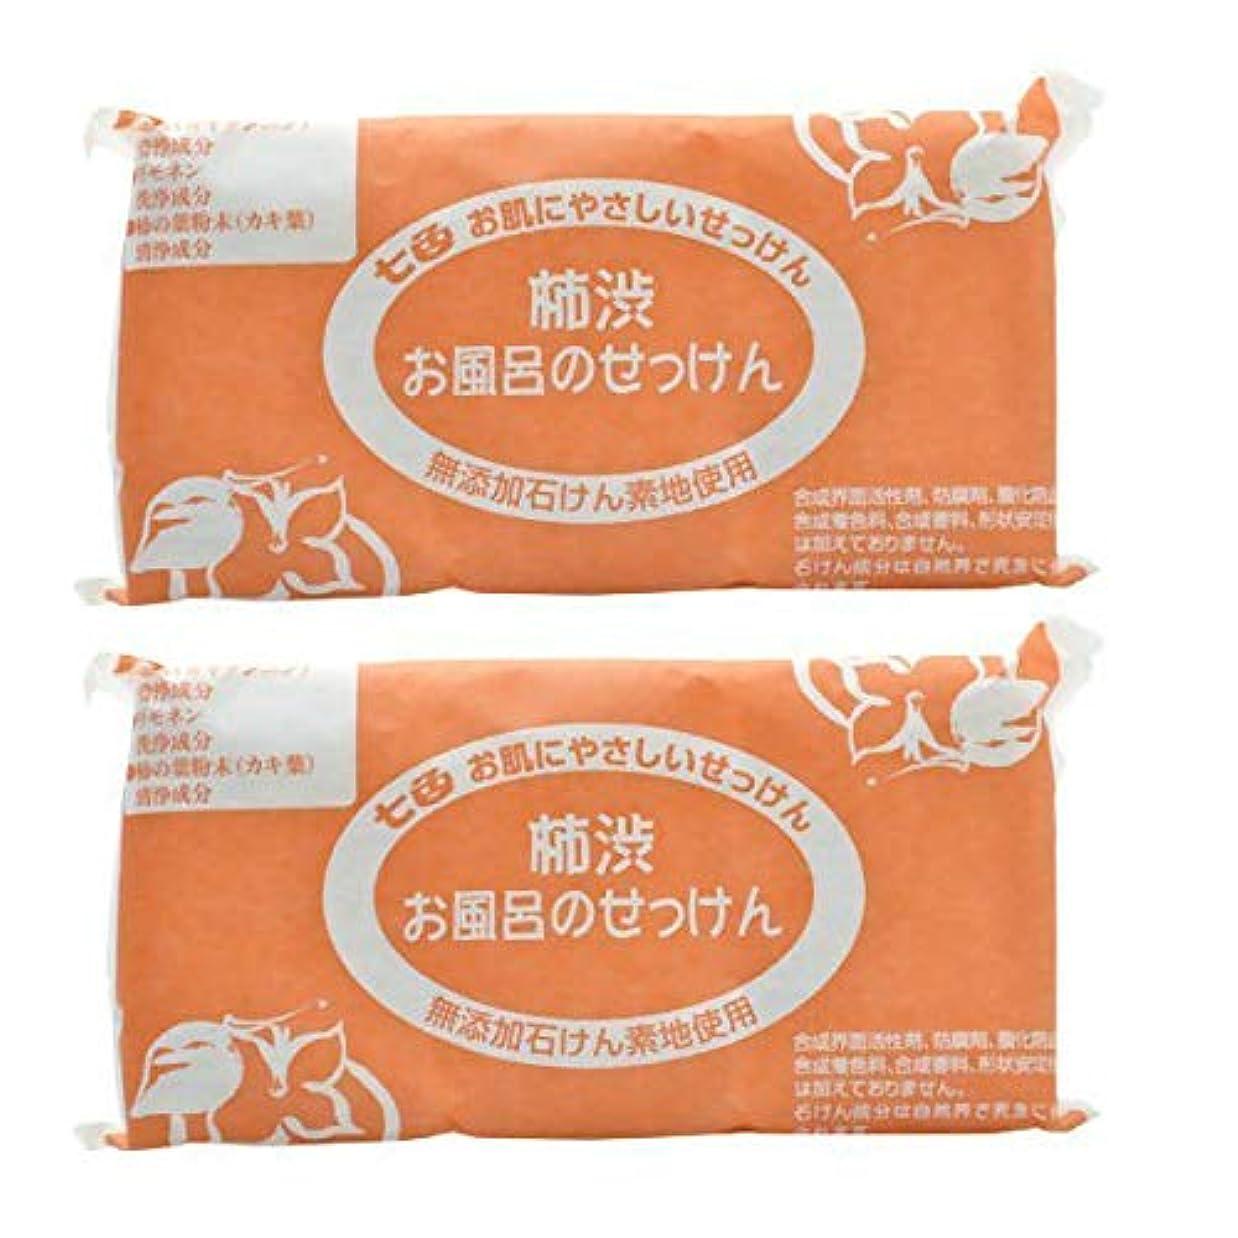 シャットせがむクック七色 お風呂のせっけん 柿渋(無添加石鹸) 100g×3個入×2セット